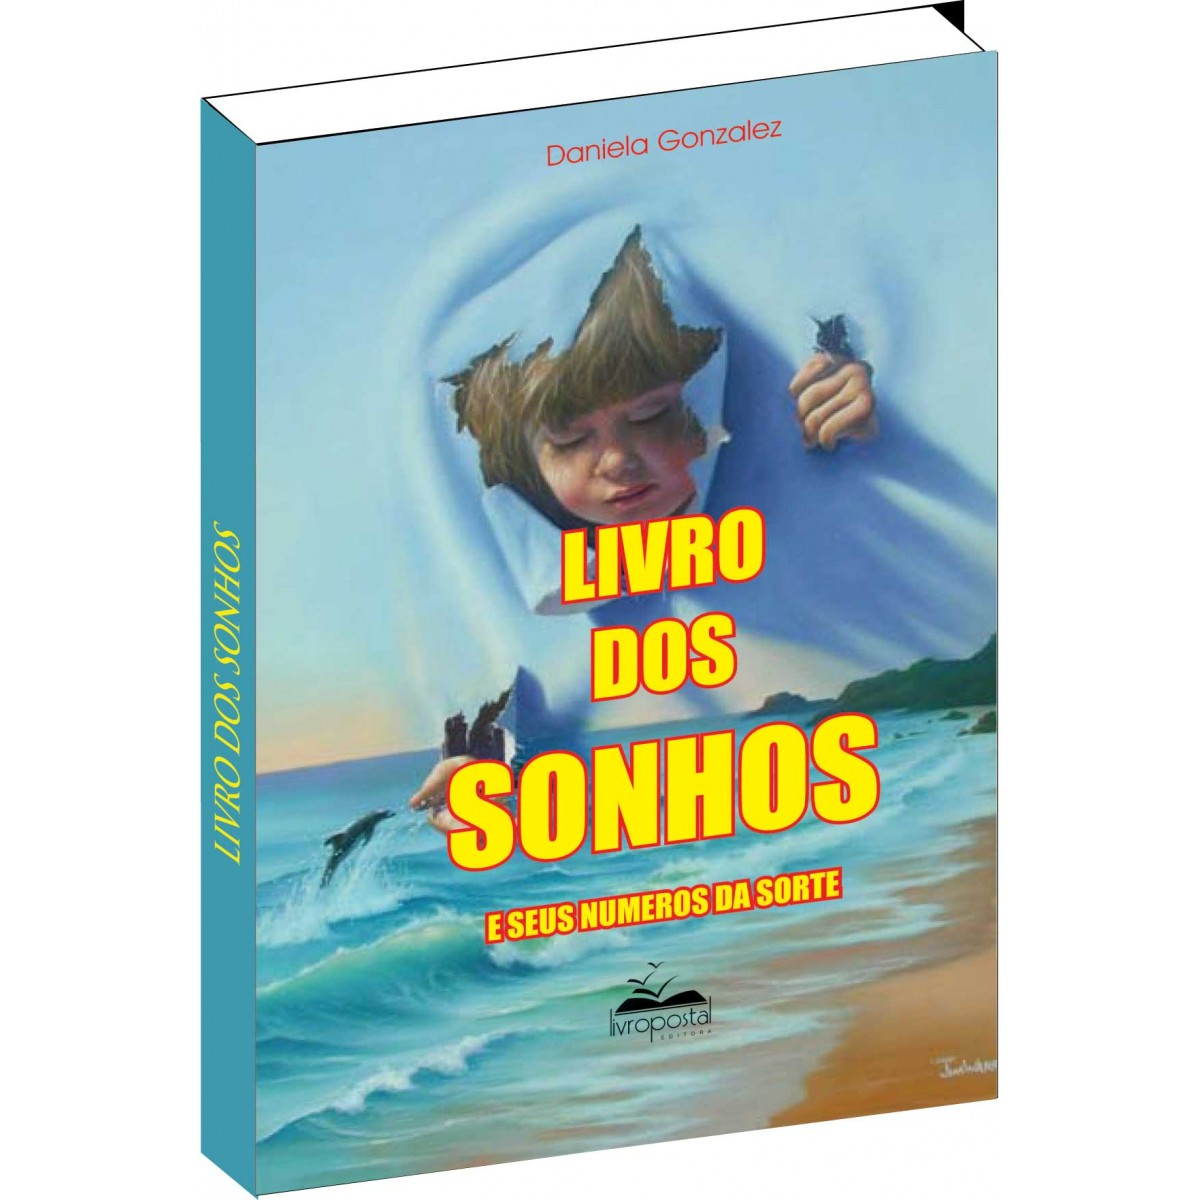 Livro dos sonhos e seus n�meros da sorte  - Livropostal Editora